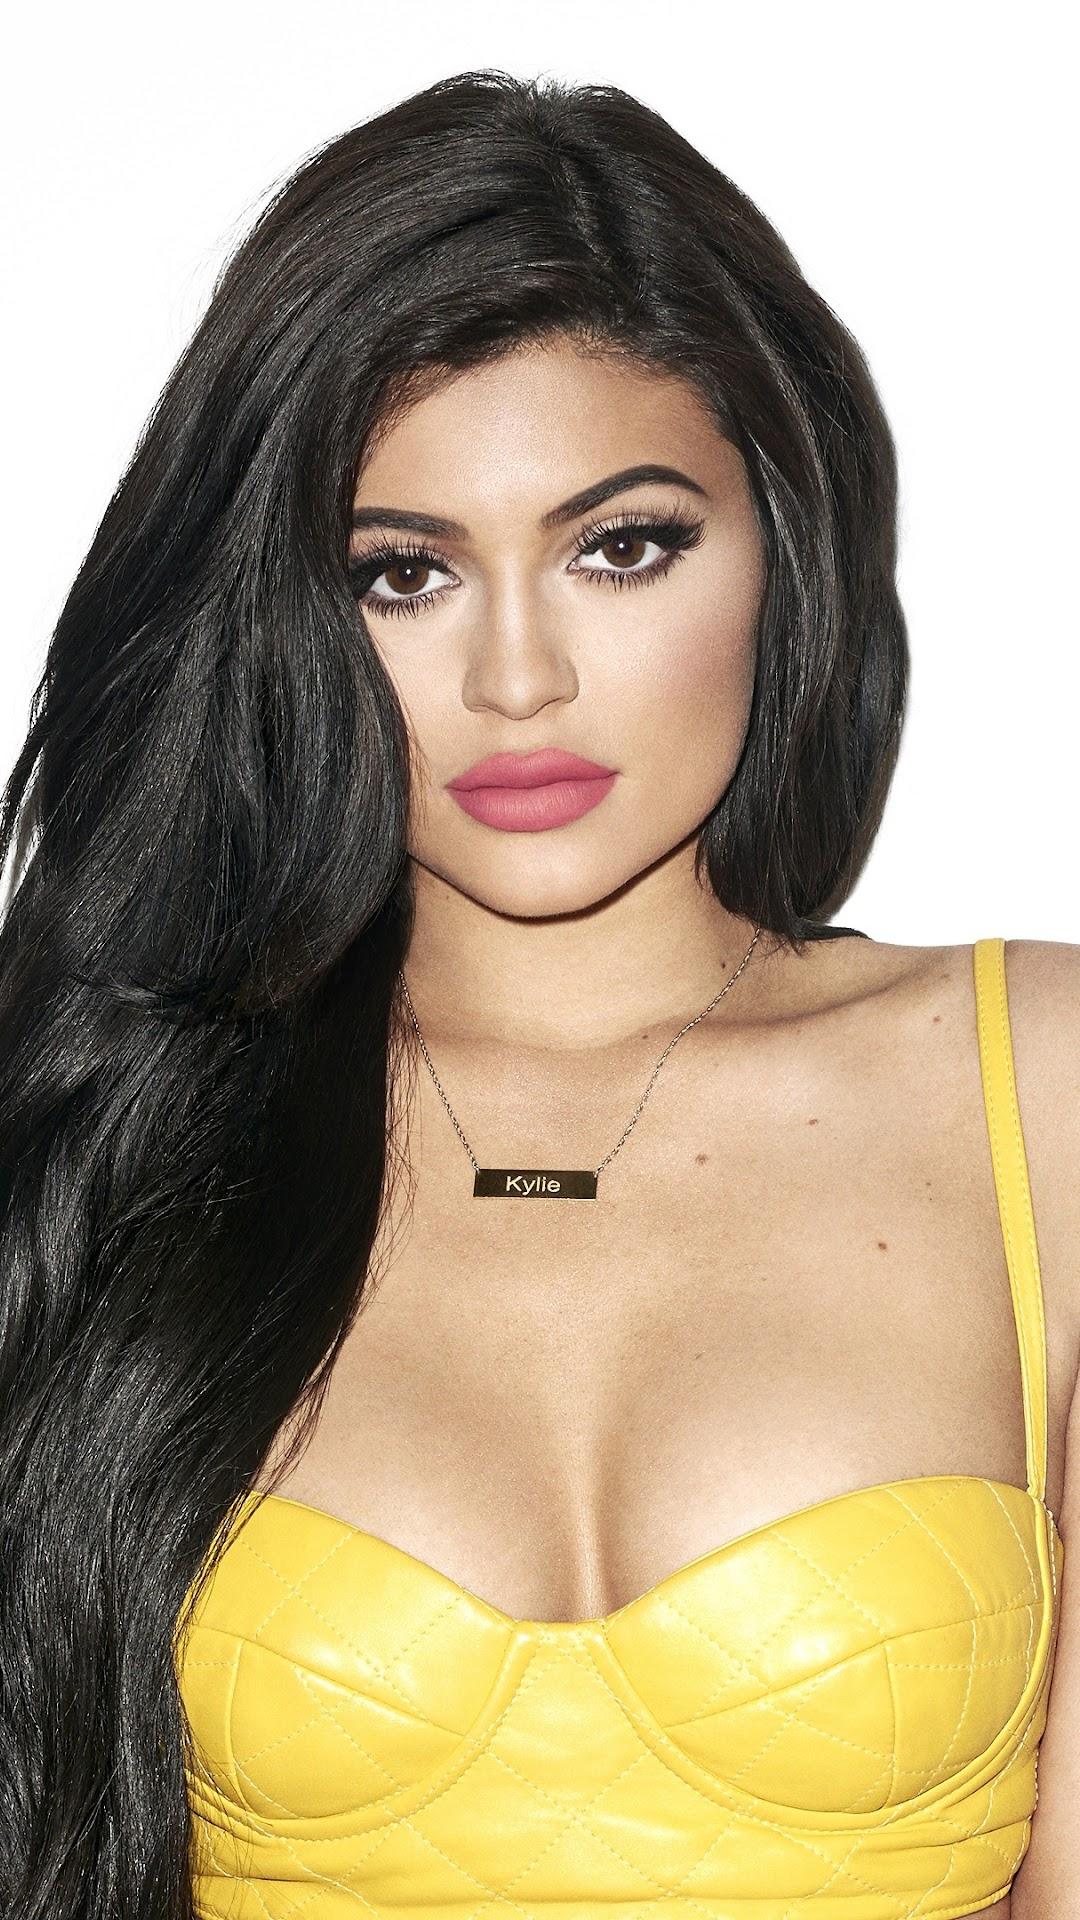 free shipping dff2e 5088d Kylie Jenner Model Brunette Girl 4K Wallpaper #267